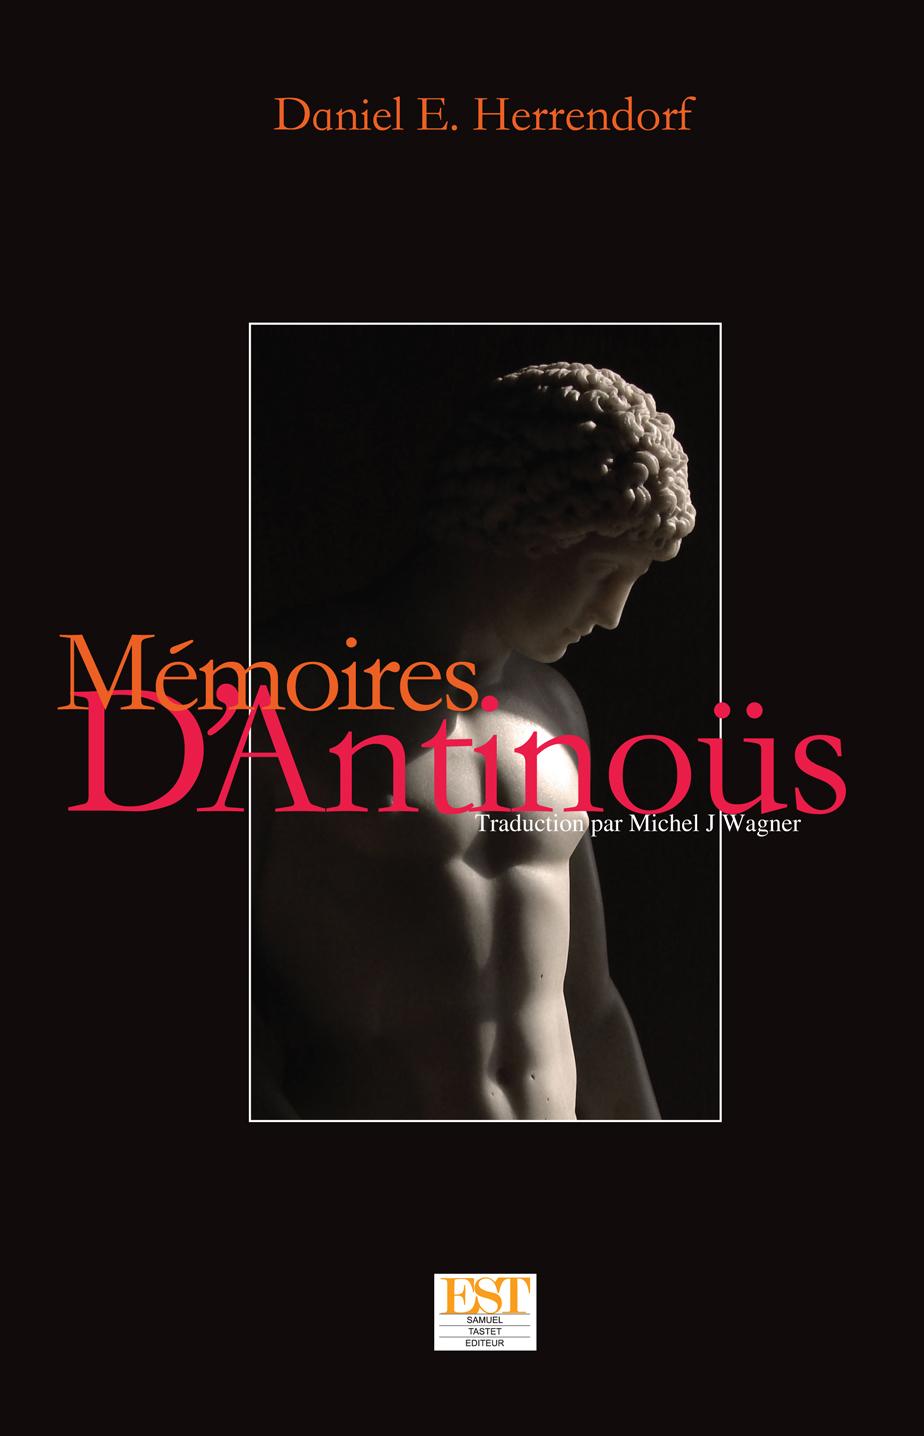 MEMOIRES D'ANTINOUS